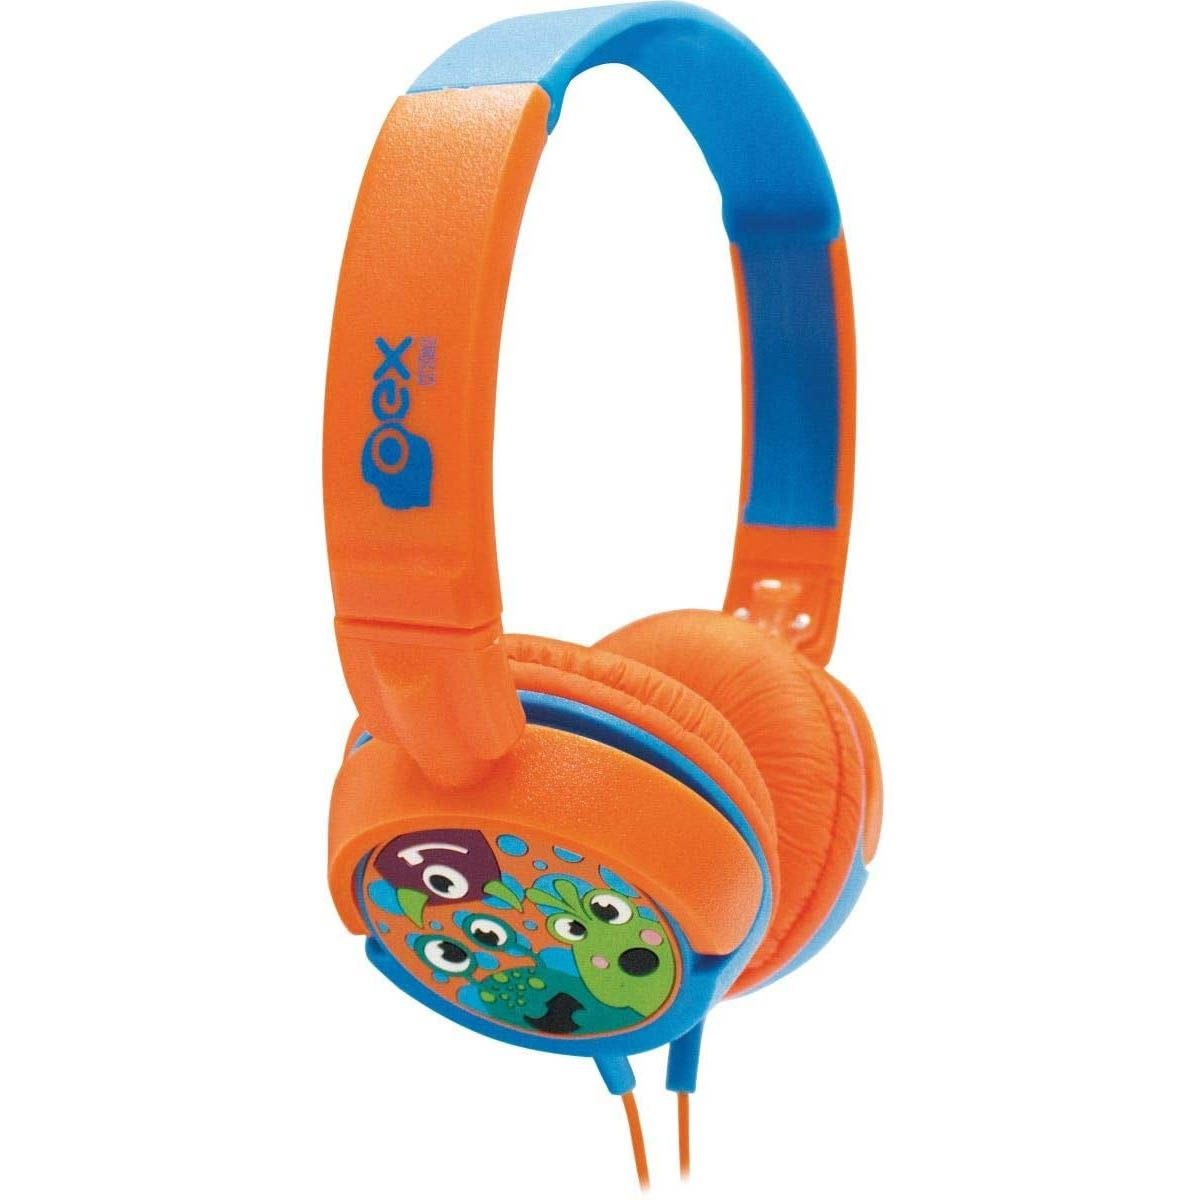 HeadPhone Infantil Oex Giratório KIDS Boo Laranja/Azul - HP301